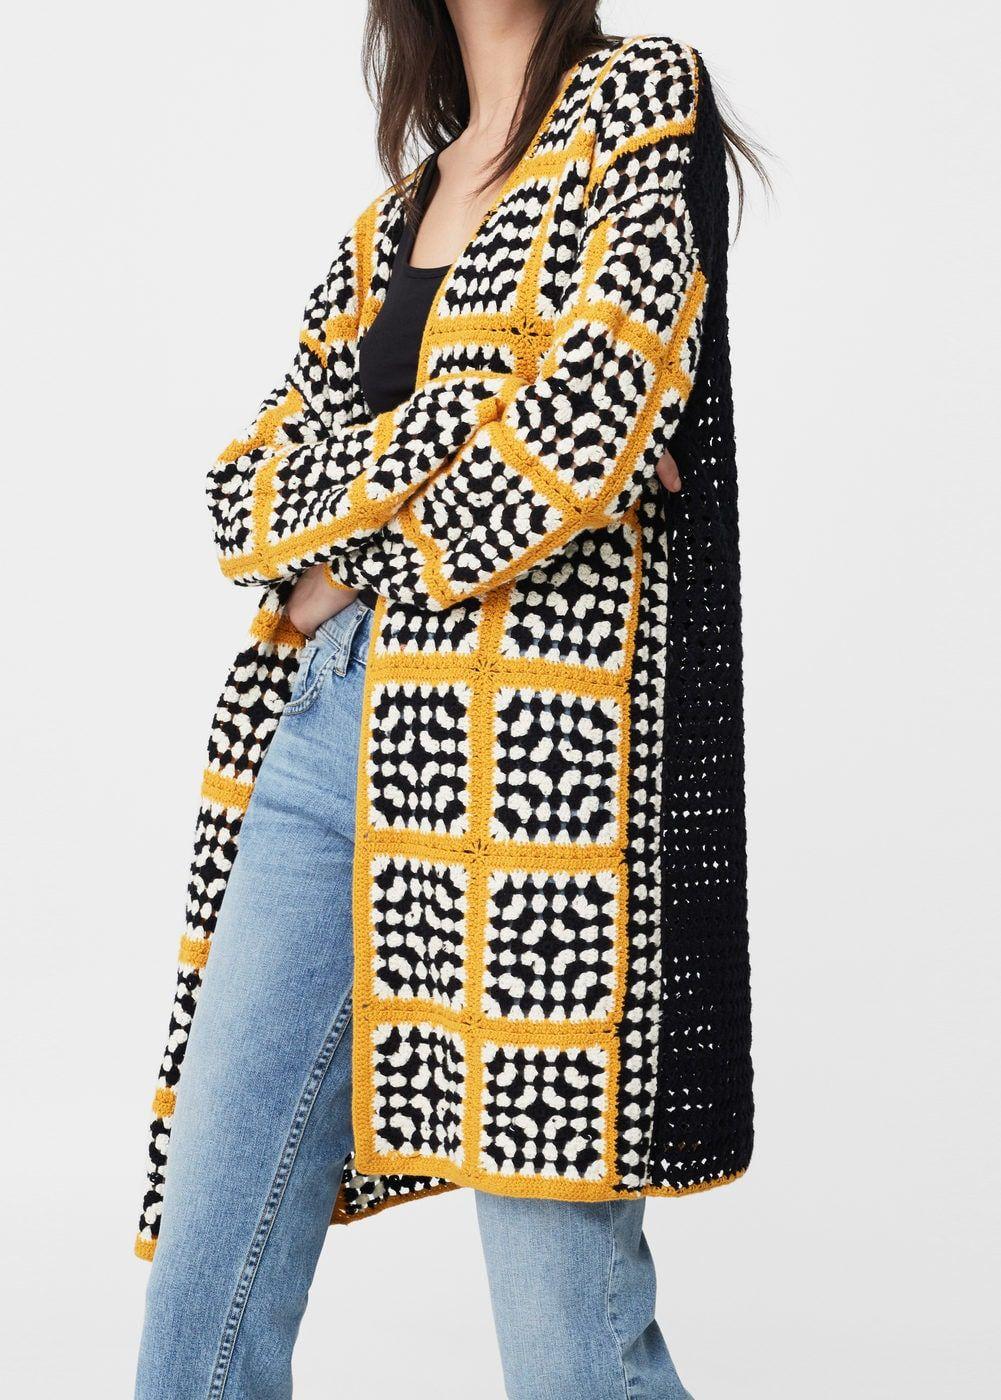 Crochet Abrigos Chalecos Blusas Tops Y Chaquetas Panosundaki Pin